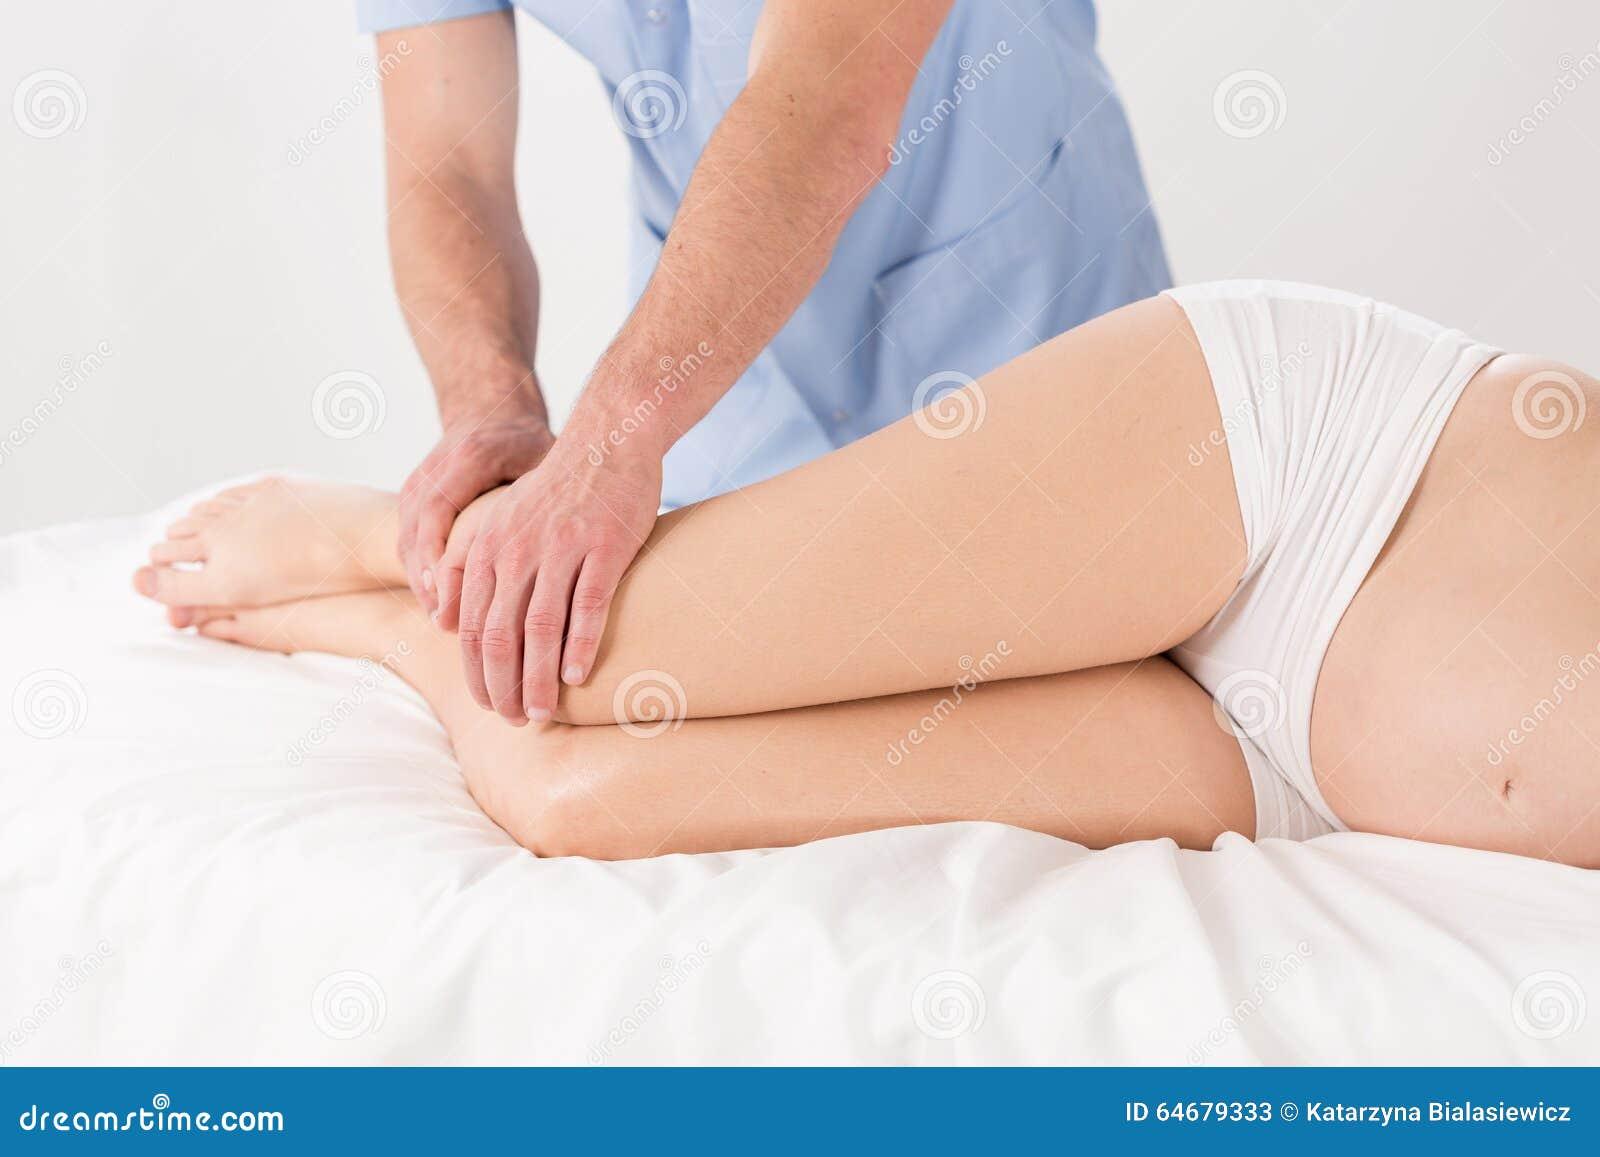 Смотреть массаж для женщин фото 48-70